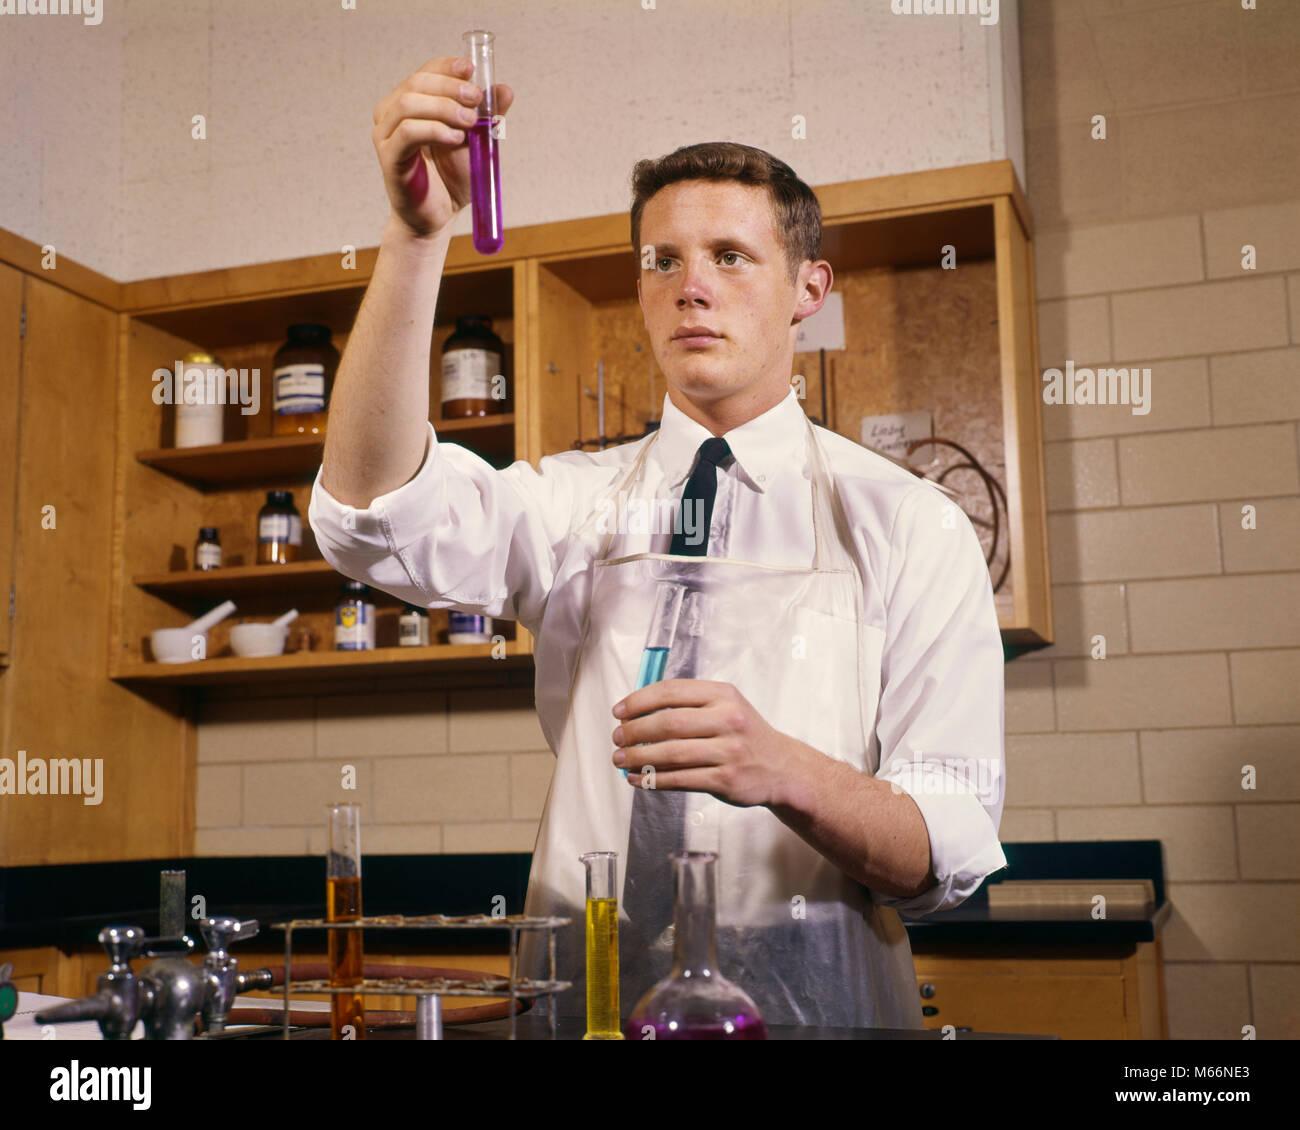 Anni sessanta maschio di alta scuola studente adolescente nel laboratorio di chimica AZIENDA PROVETTE - KS2094 HAR001 Immagini Stock